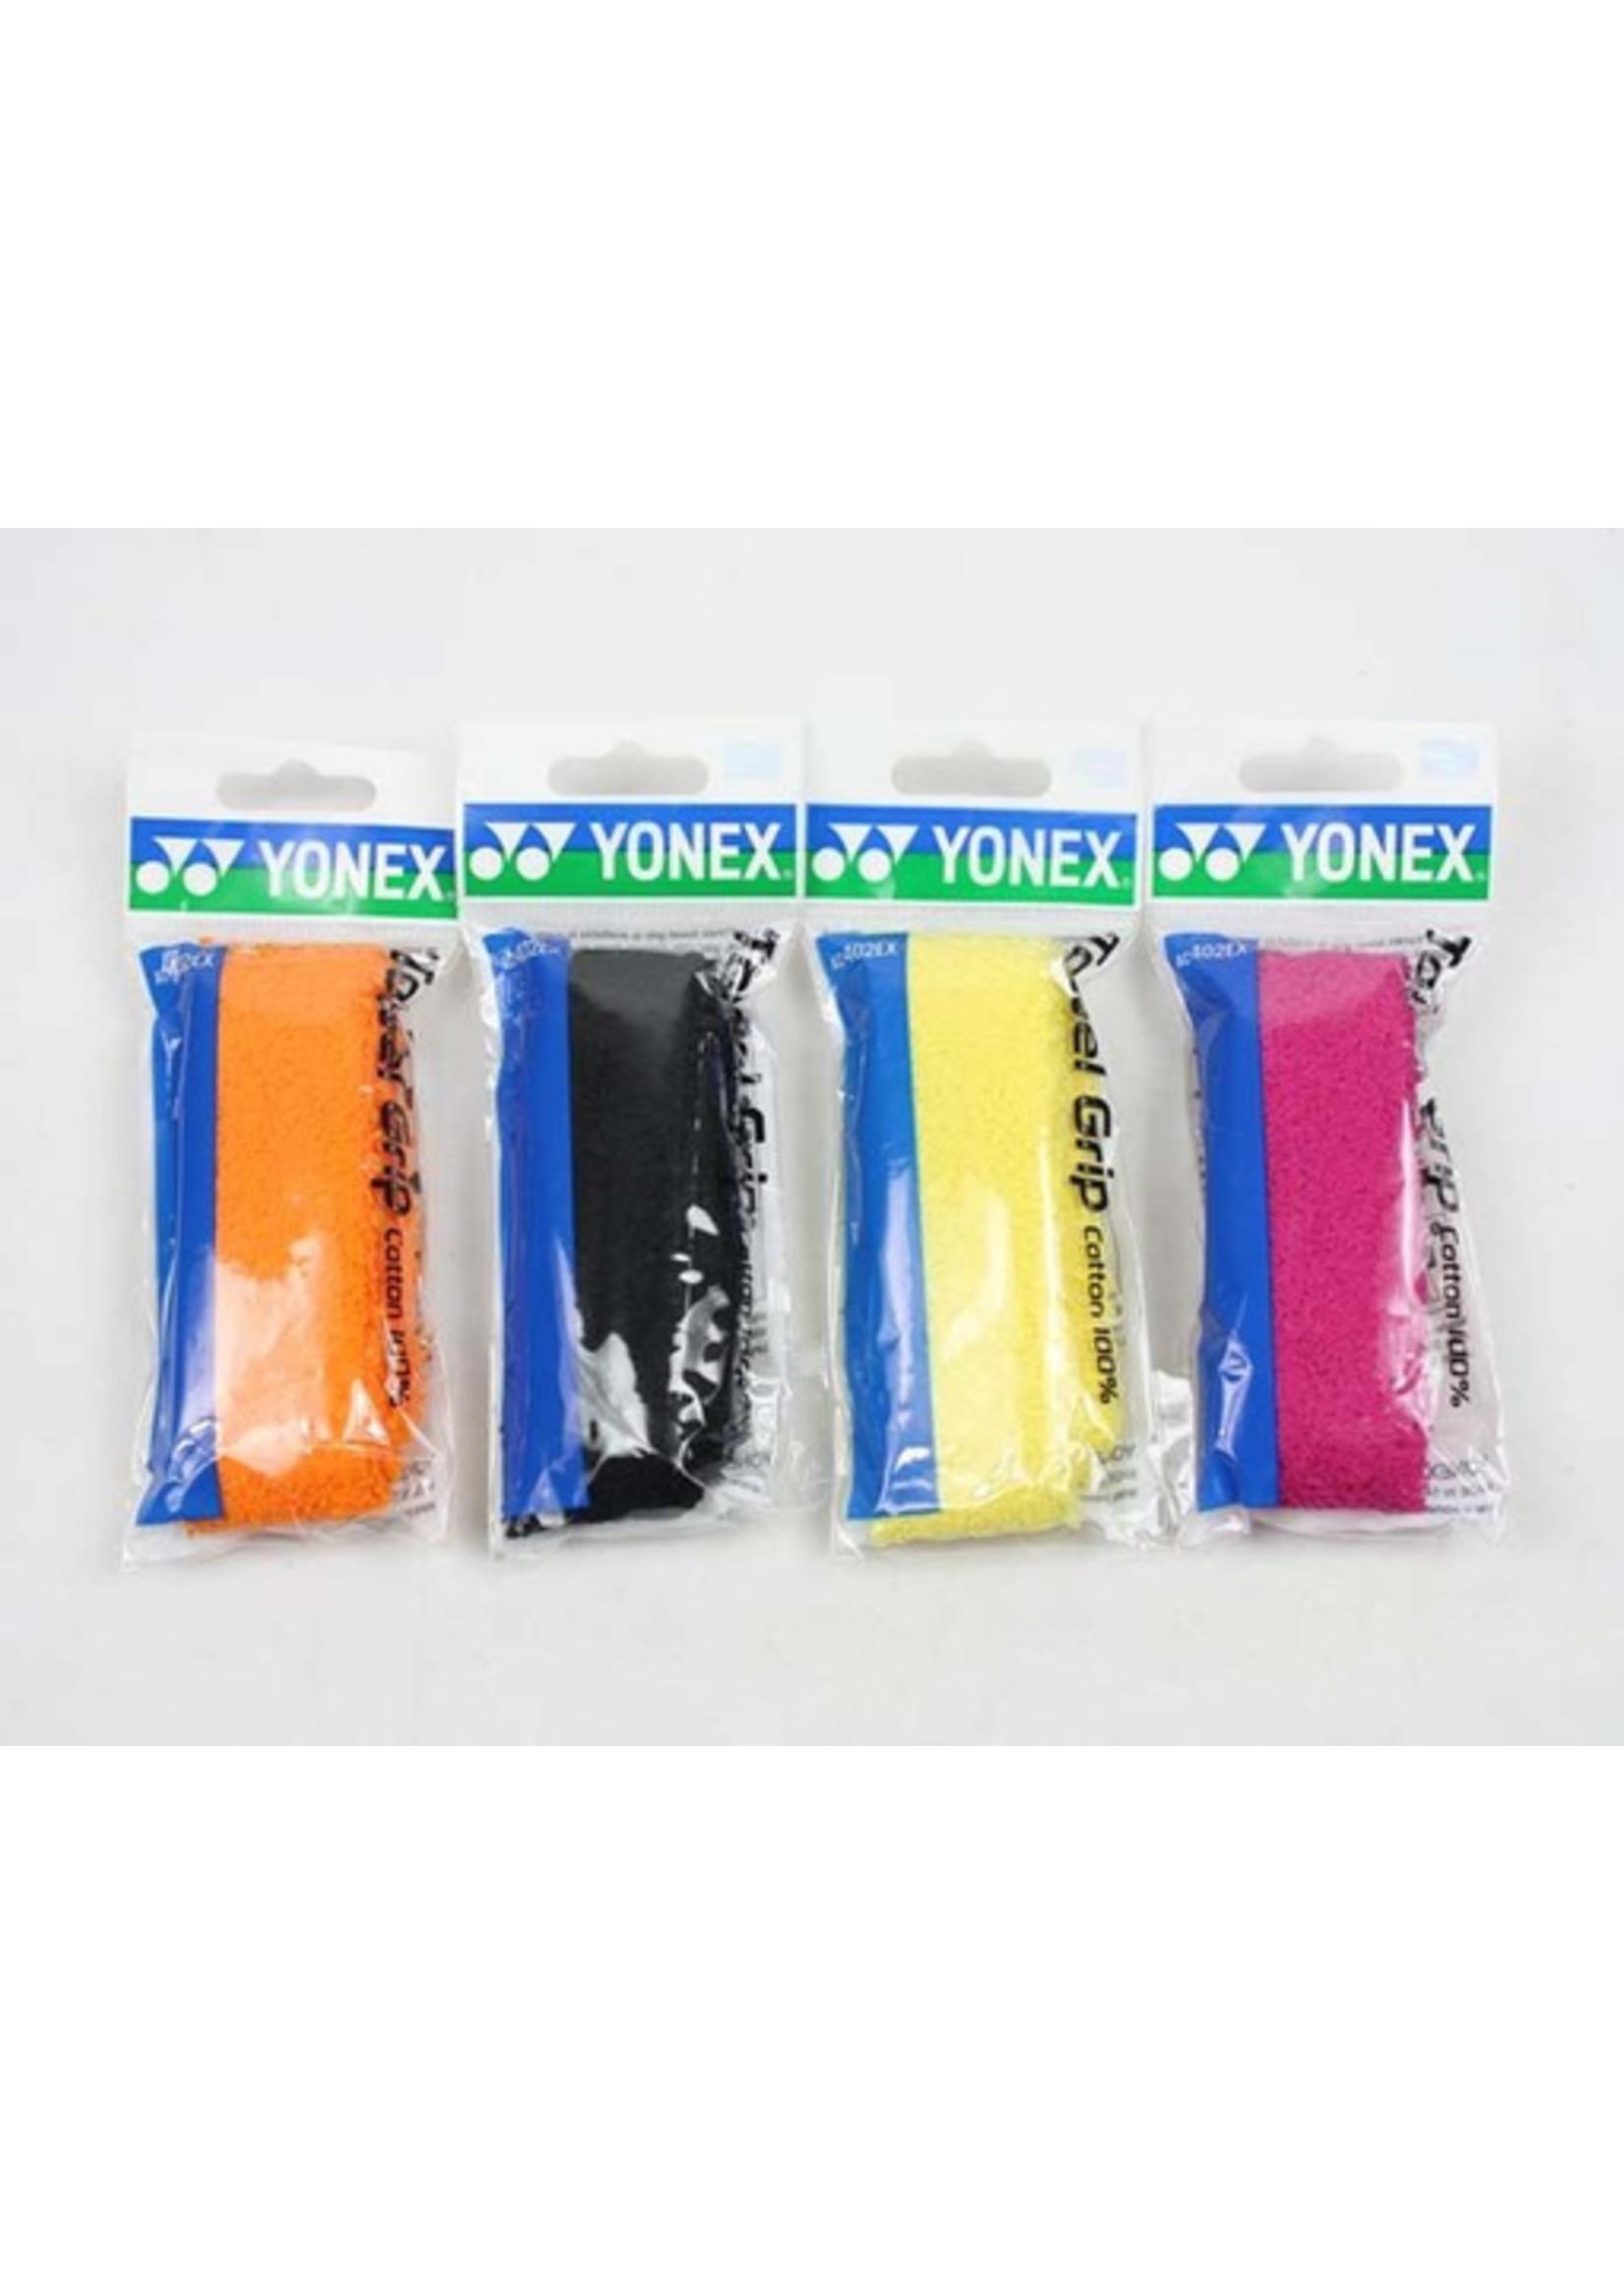 Yonex Yonex Towel Replacement Grip